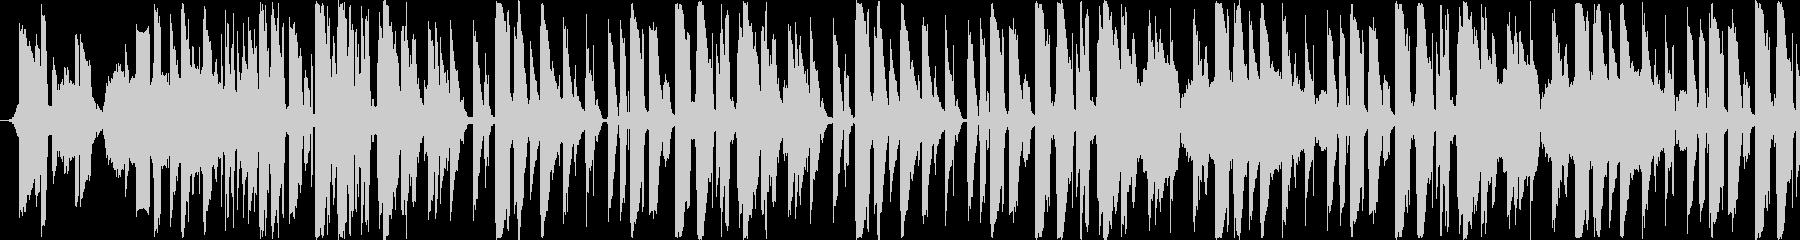 【オシャレラウンジJAZZ/ハウス】の未再生の波形